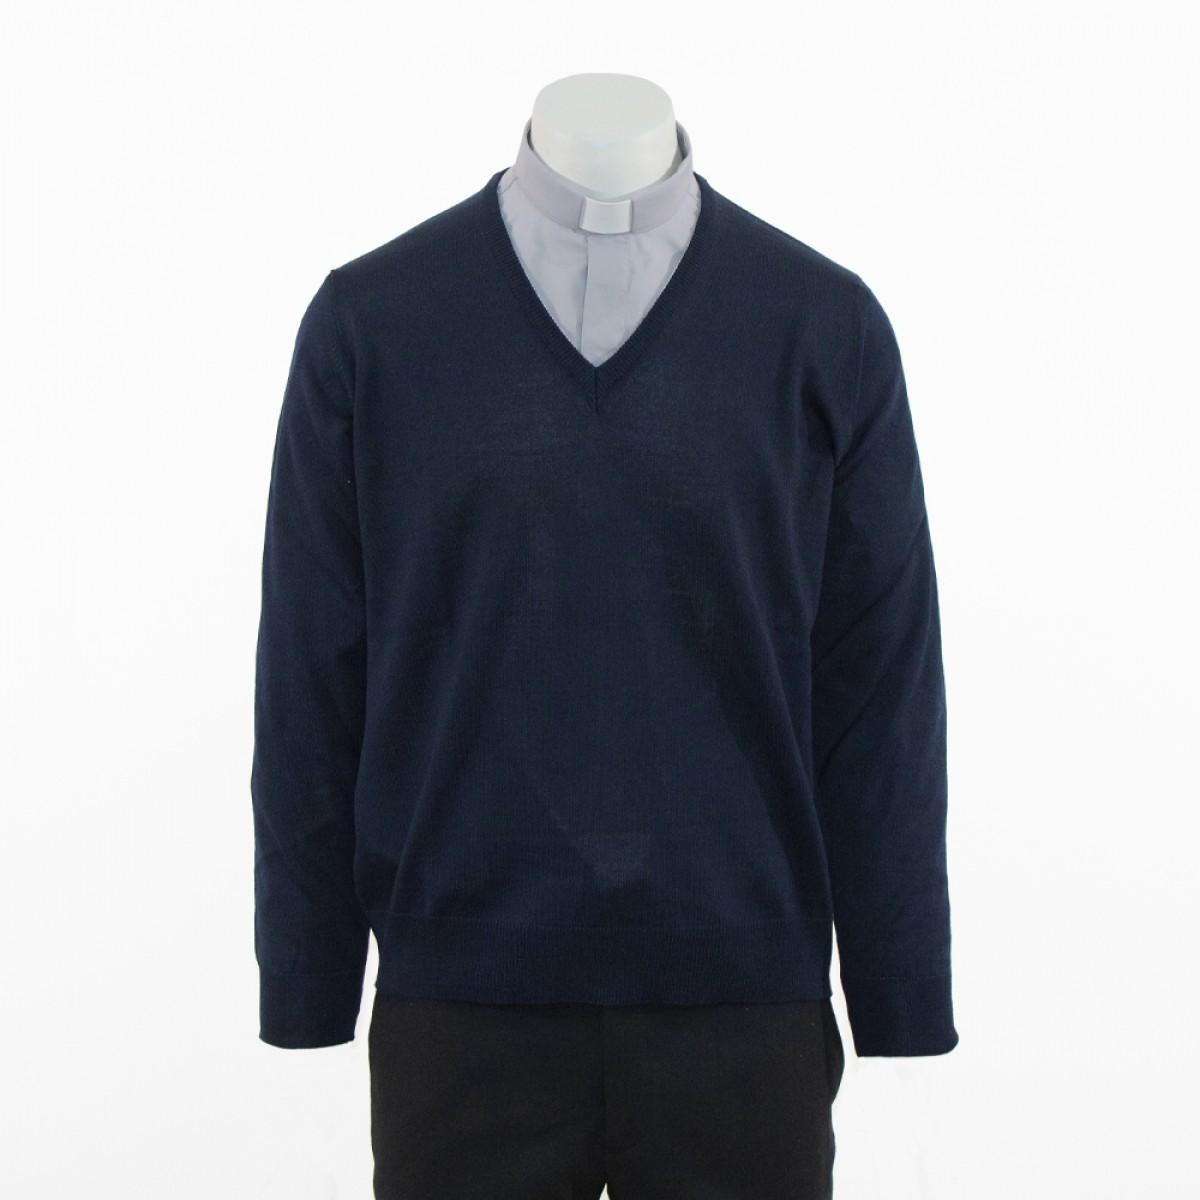 Pullover uomo con collo a V manica lunga in pura lana Lanerossi